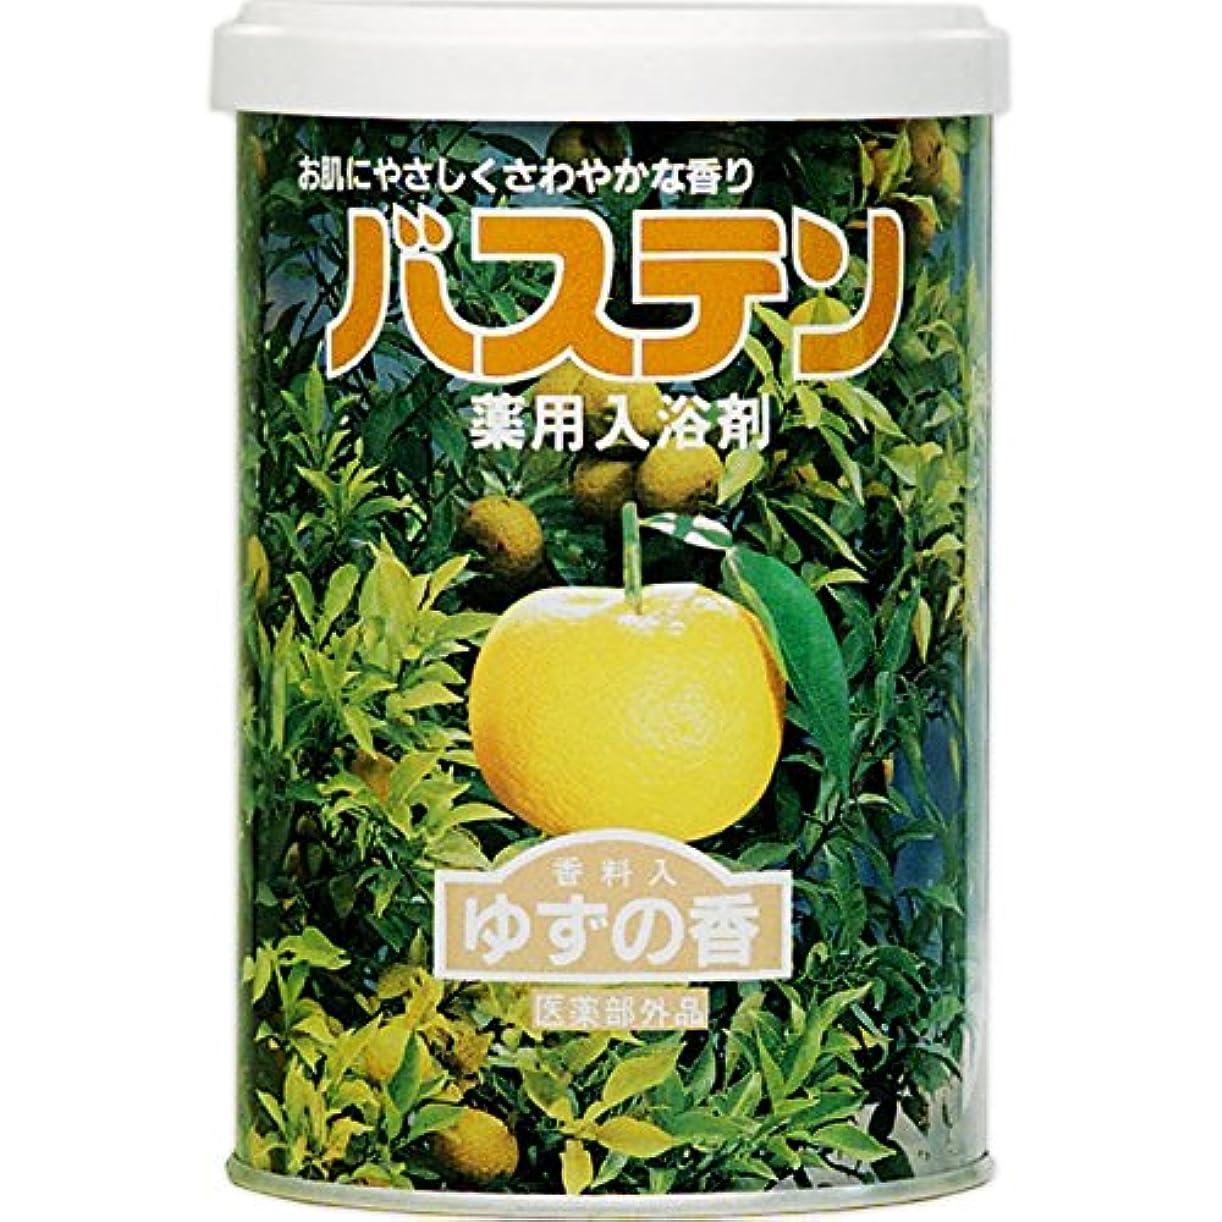 反対する破壊フェロー諸島奥田薬品 バステンゆずの香り 800g